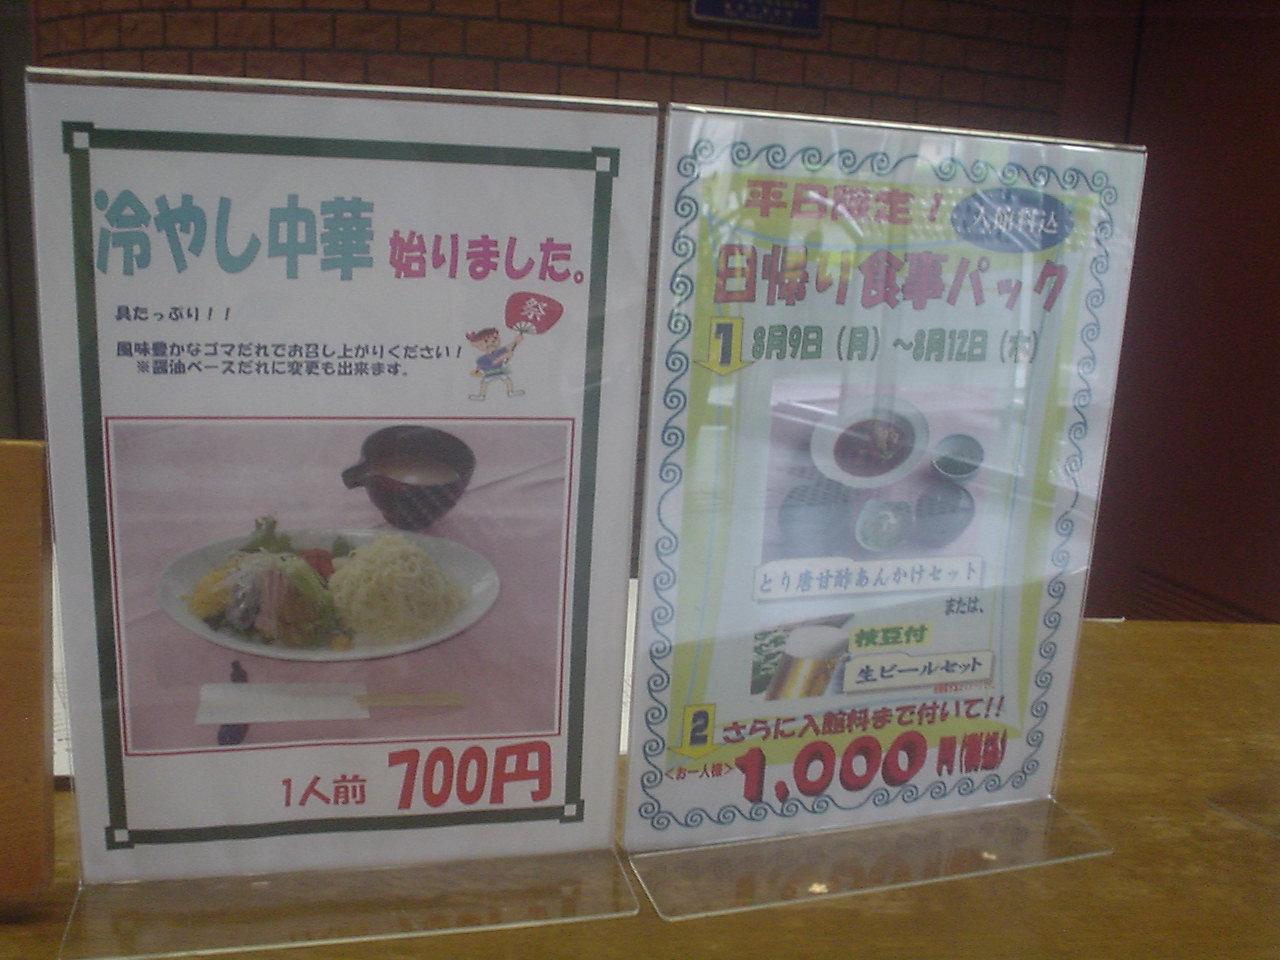 かんぽの宿栃木喜連川温泉 name=